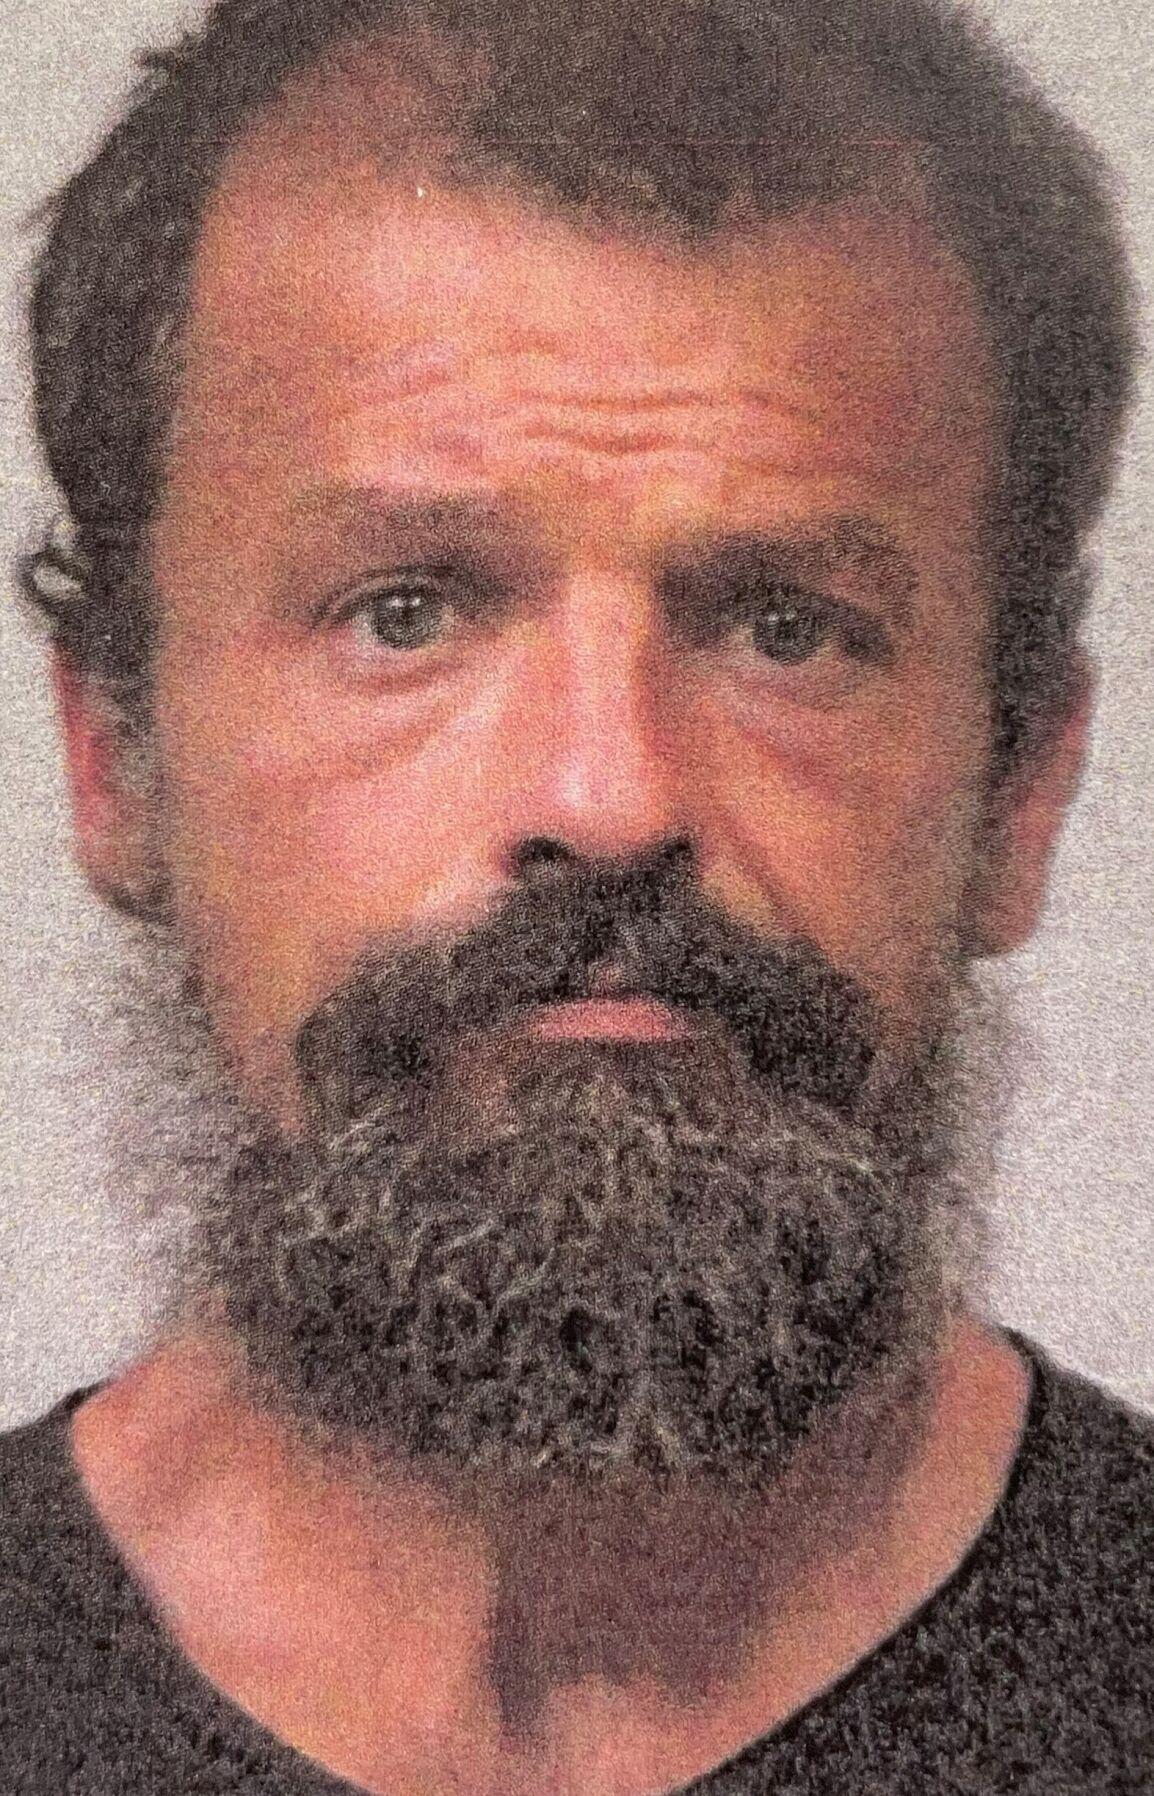 Joseph Stone mugshot